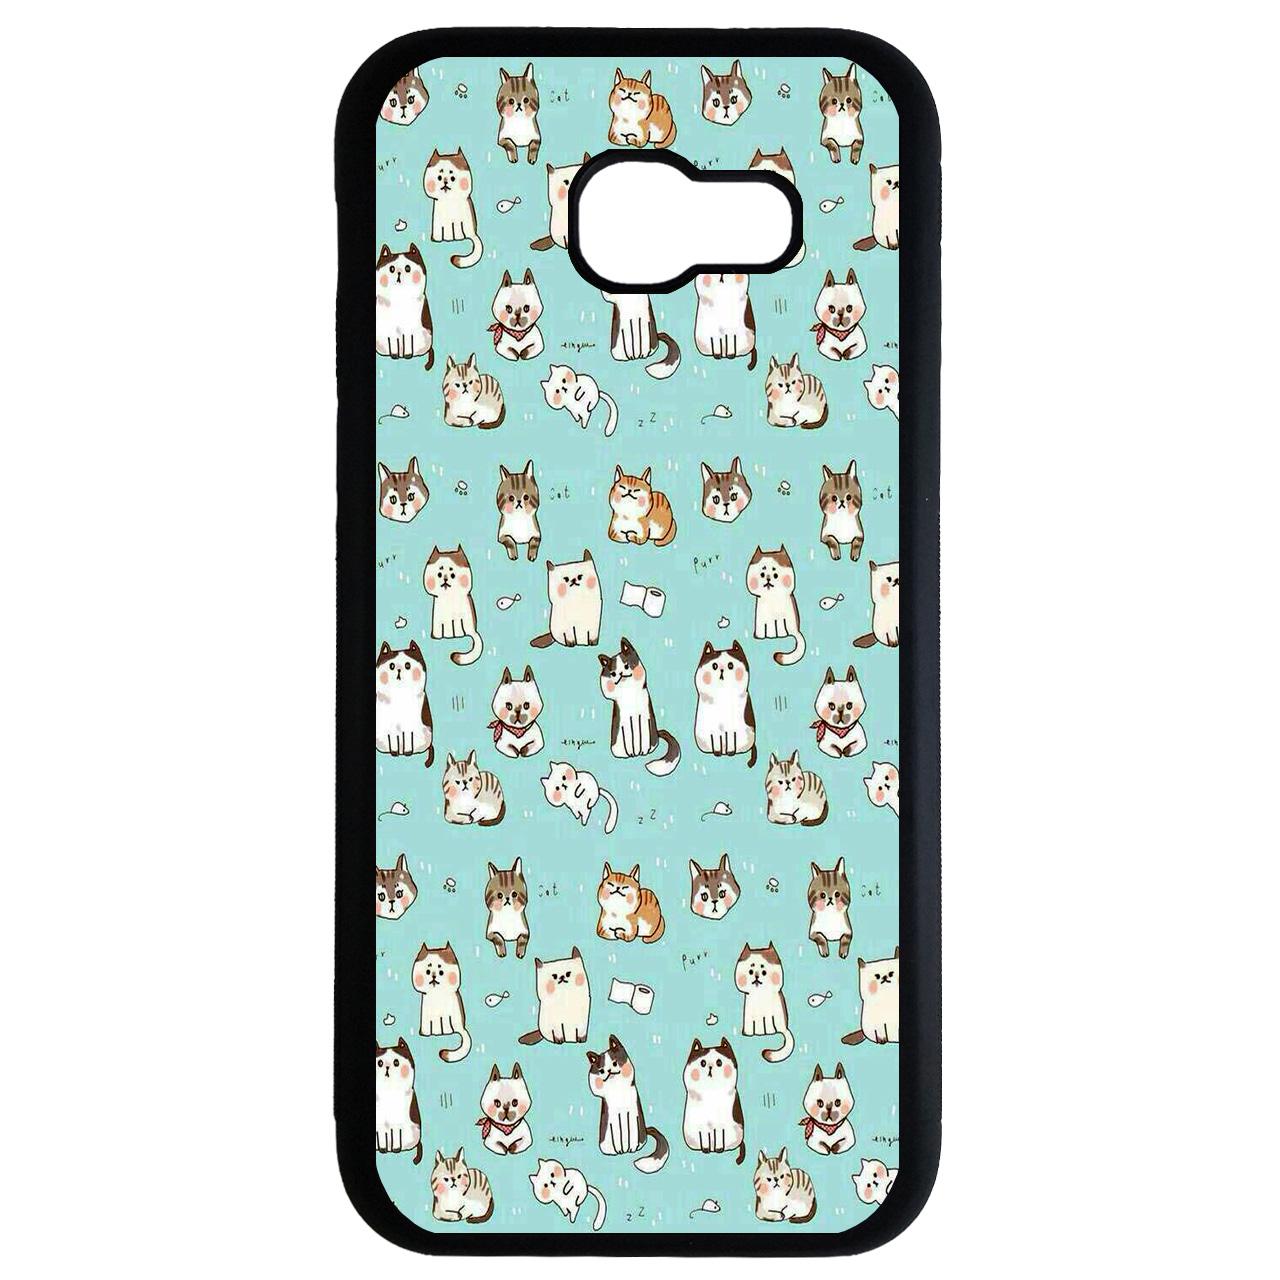 کاور طرح بچه گربه ها کد 8313 مناسب برای گوشی موبایل سامسونگ galaxy a7 2017